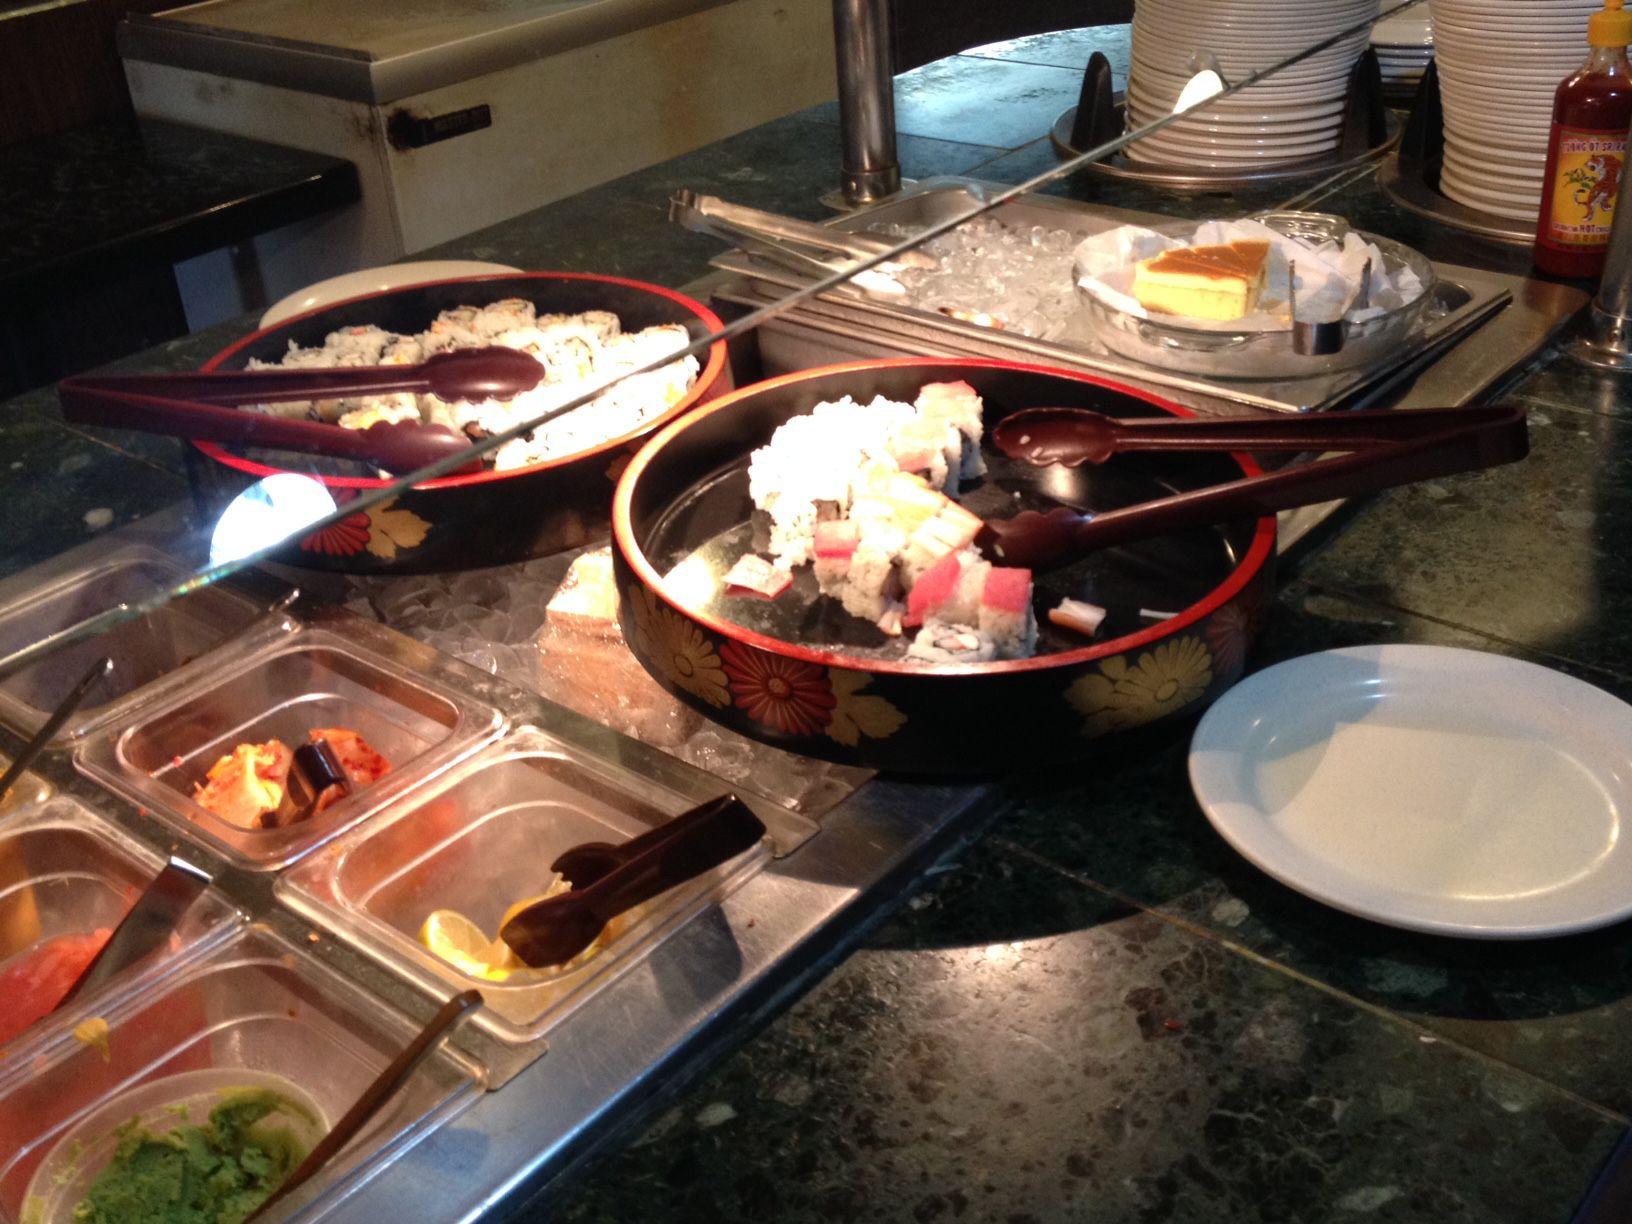 New hong kong offers buffet more egg drop soup food